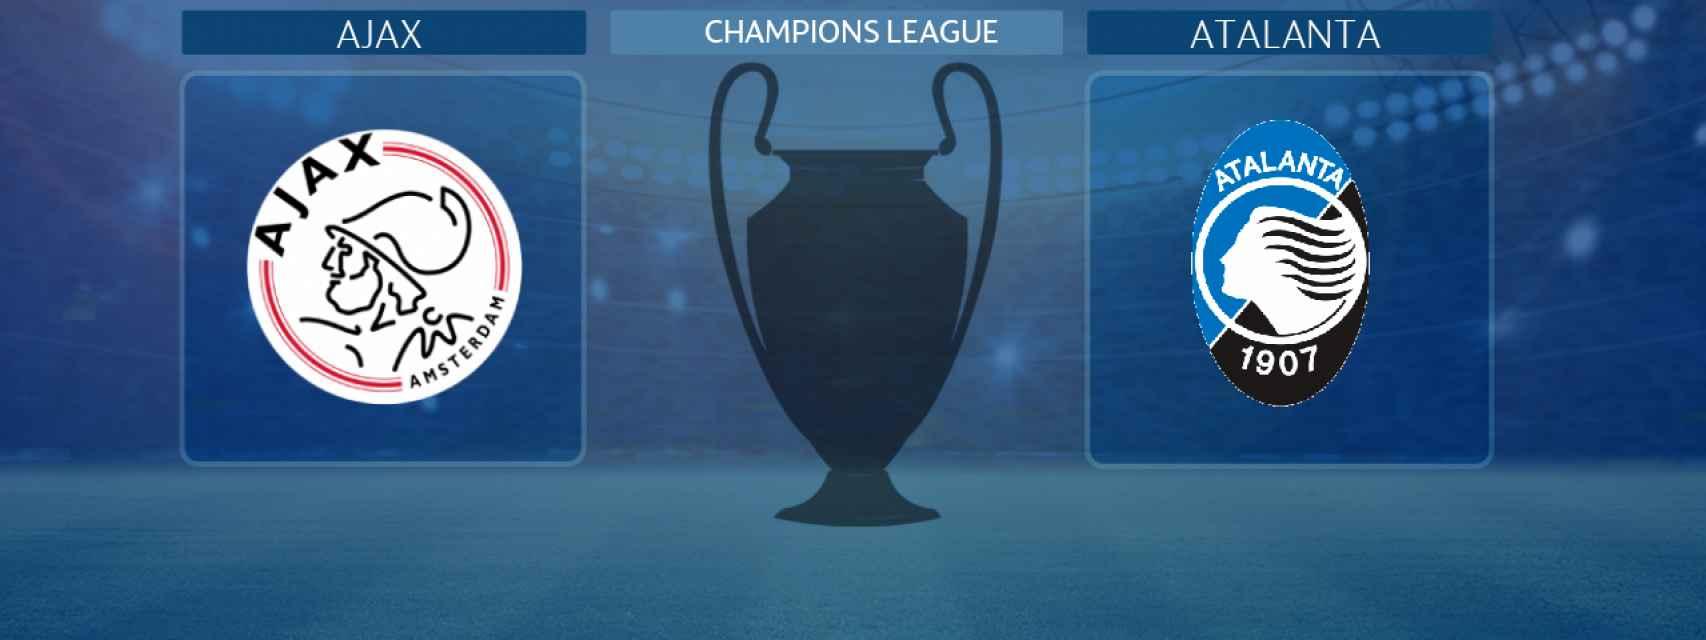 Ajax - Atalanta, partido de la Champions League